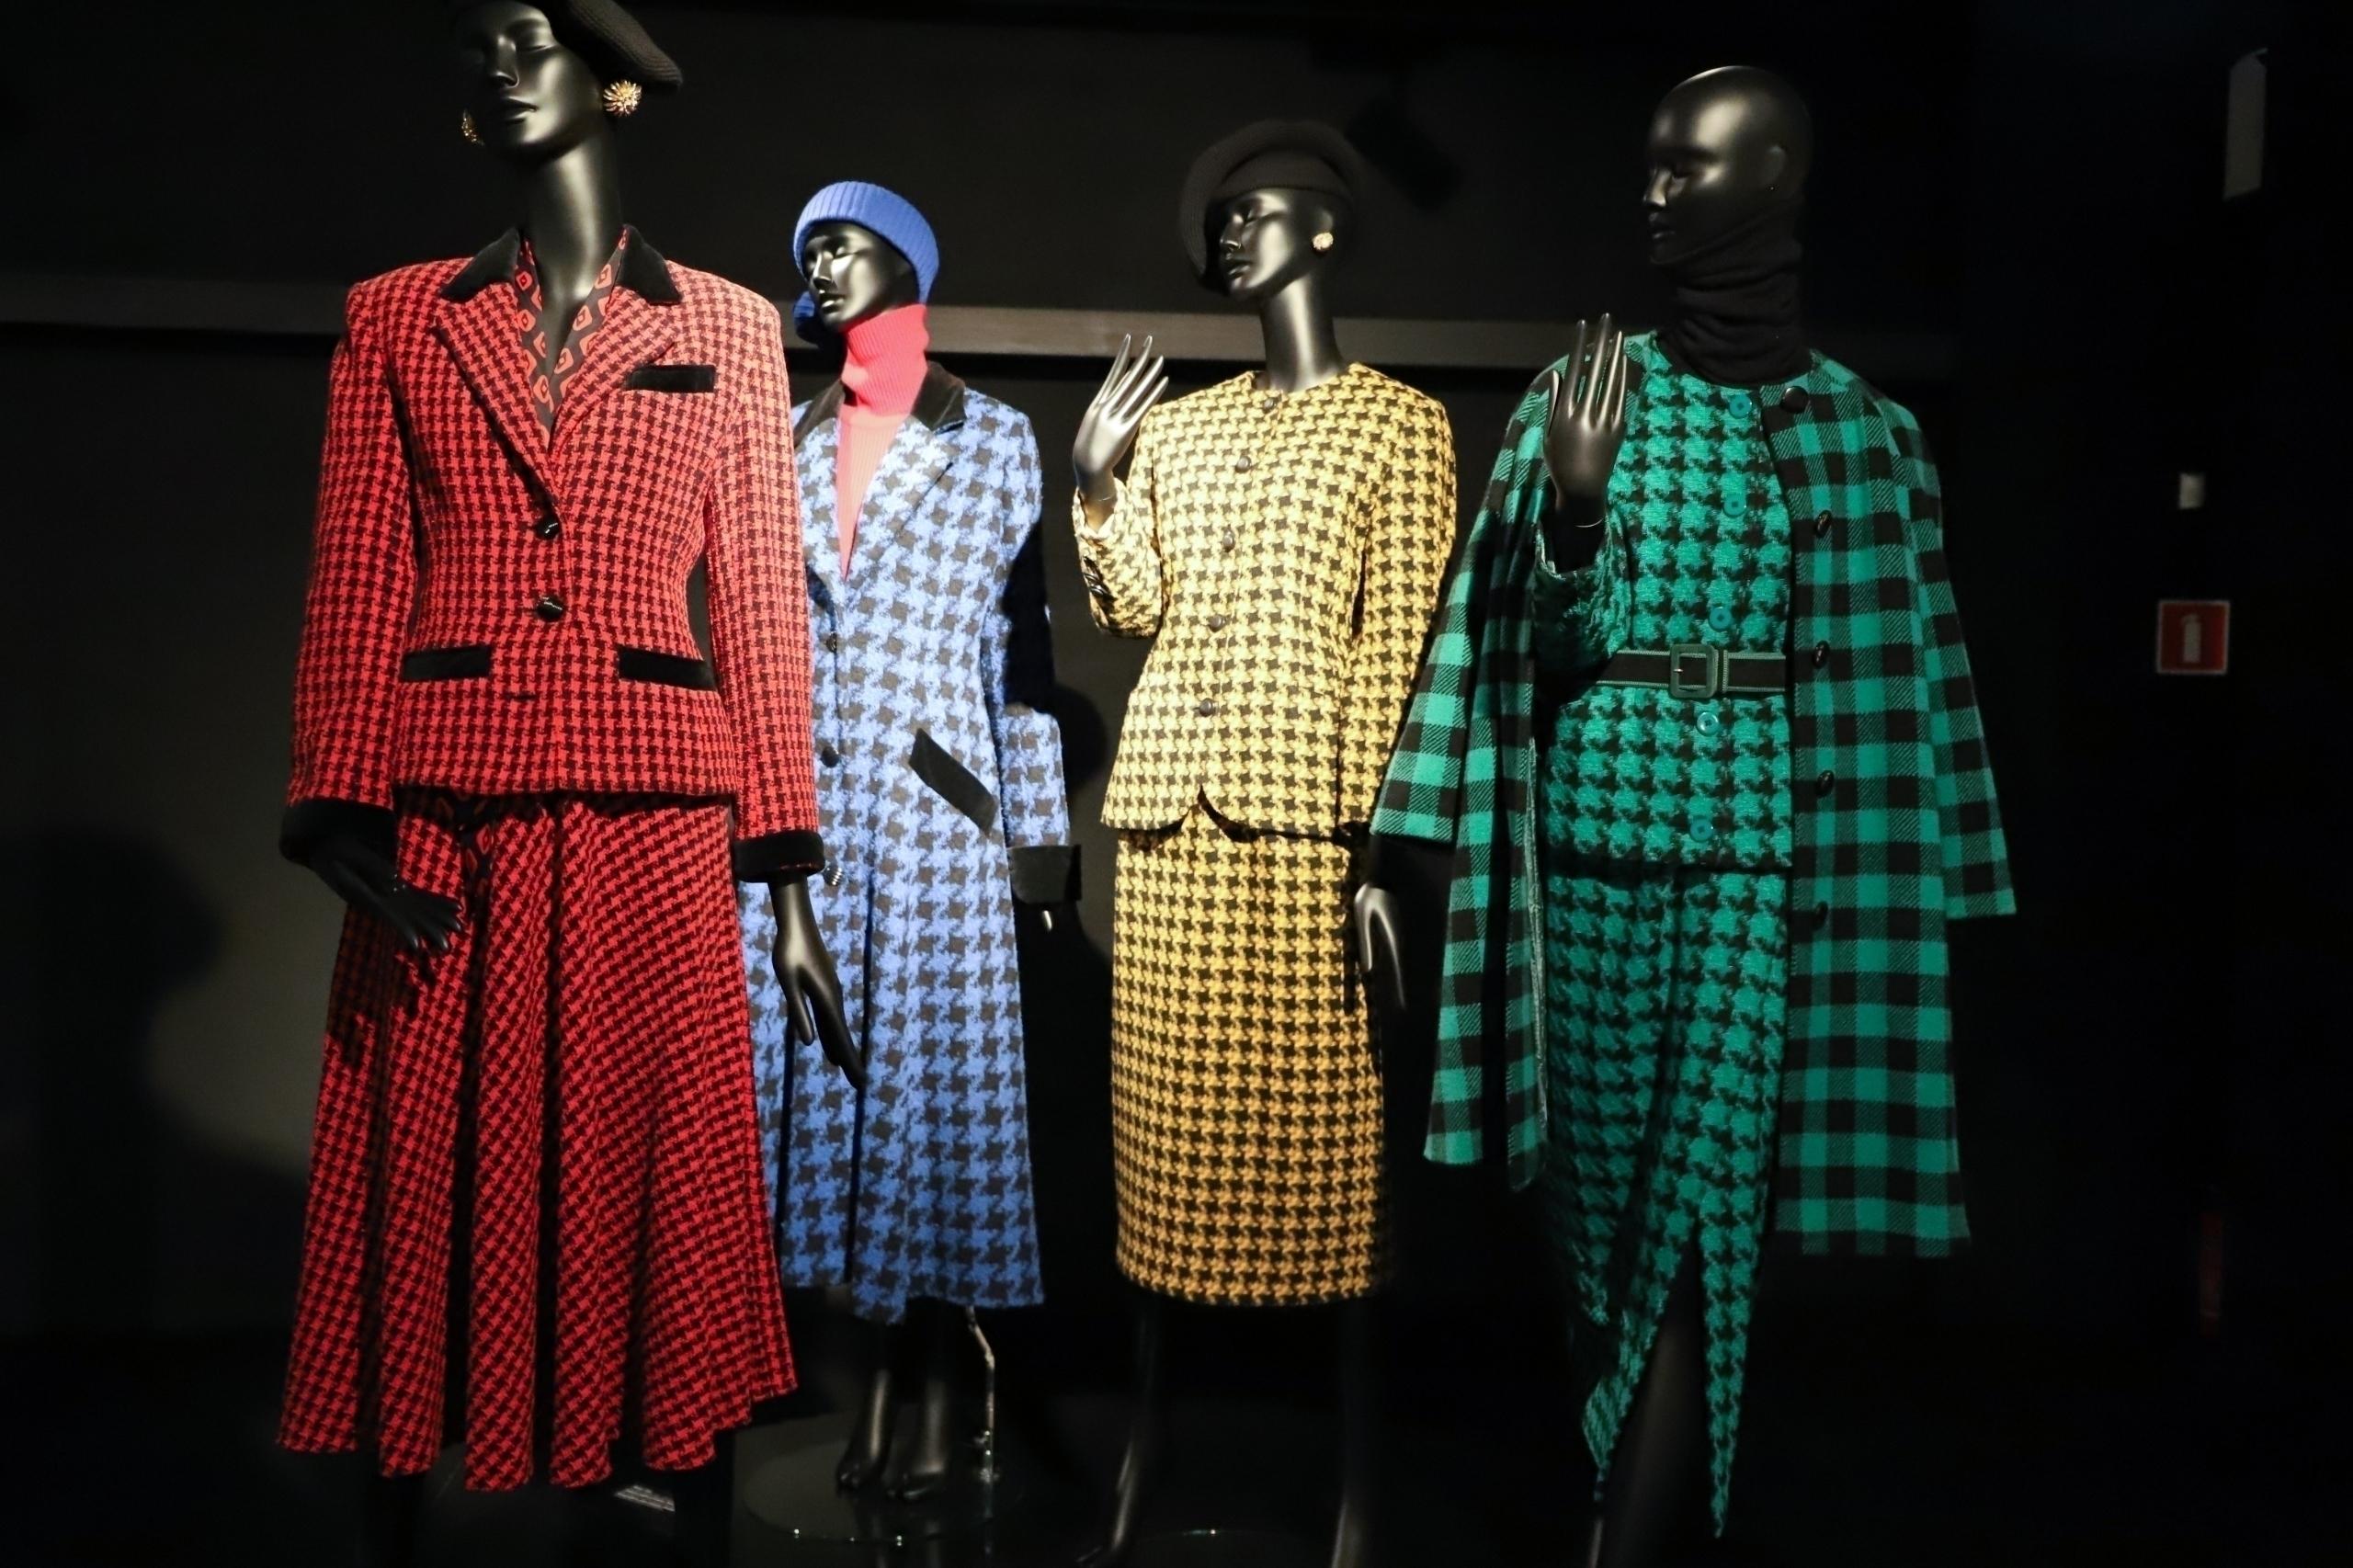 Zdjęcie przedstawia cztery manekiny ubrane w czerwony, niebieski, żółty i zielony kostium.